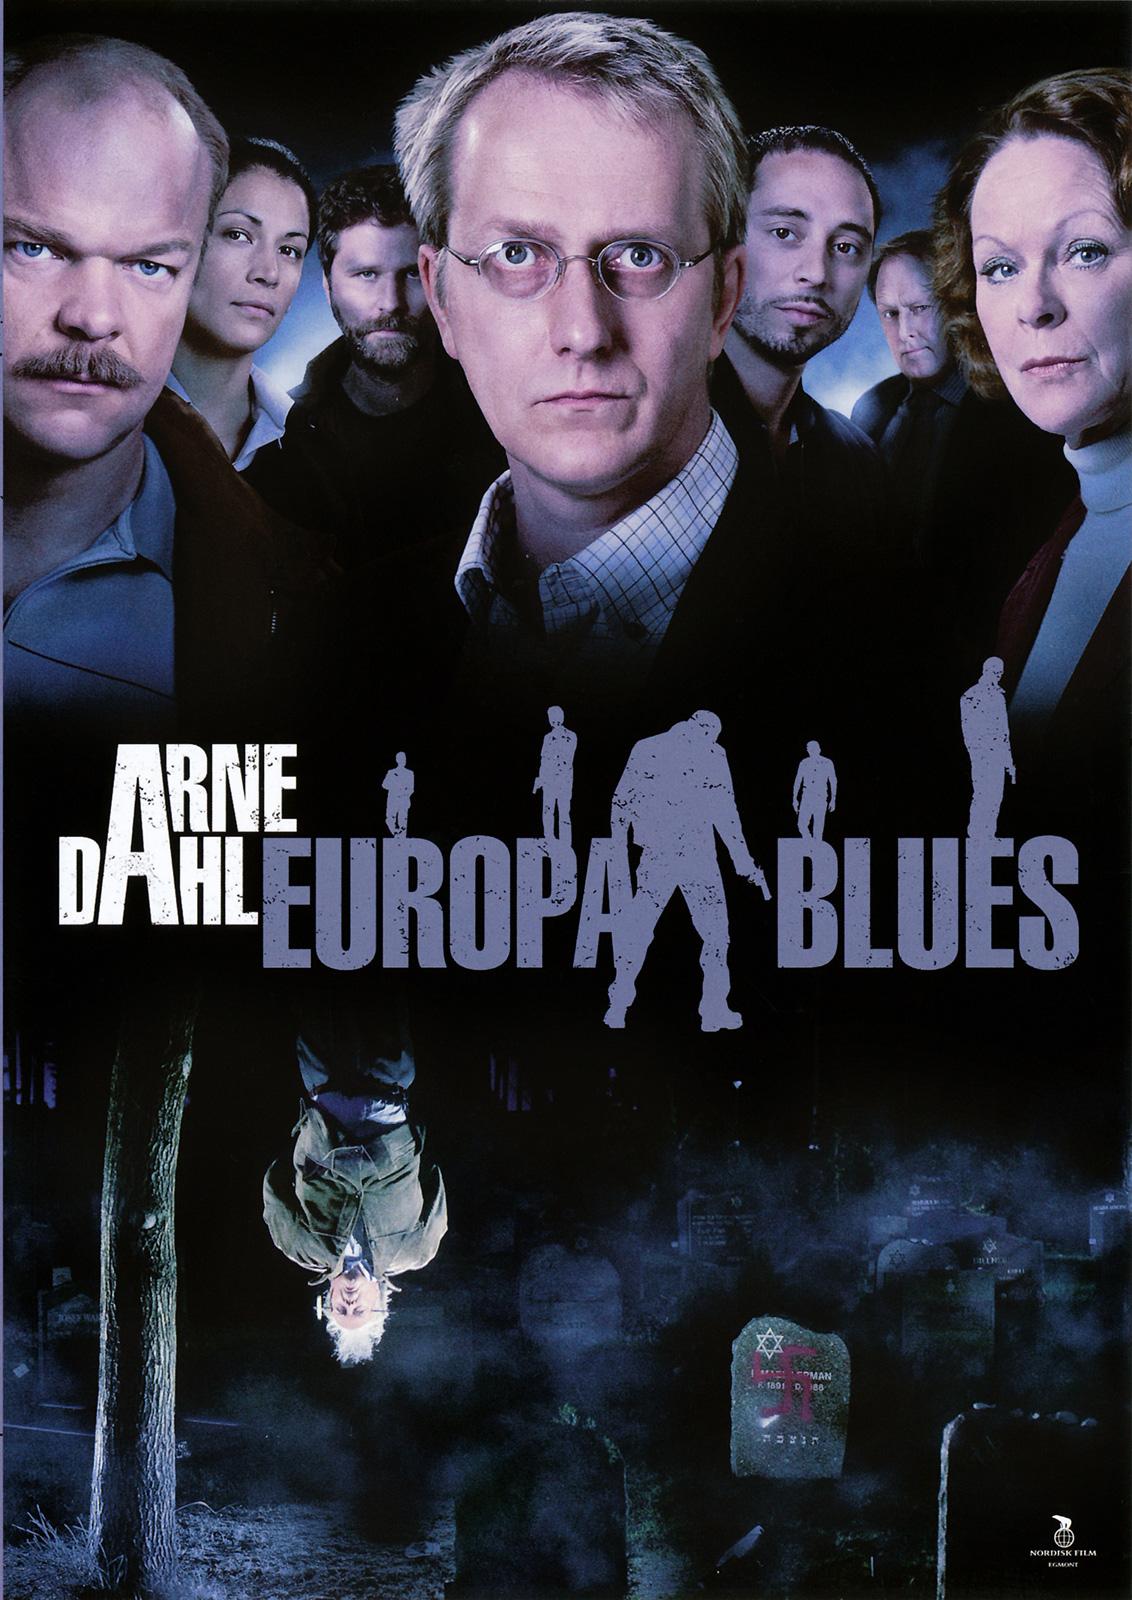 Films en series Series Arne dahl